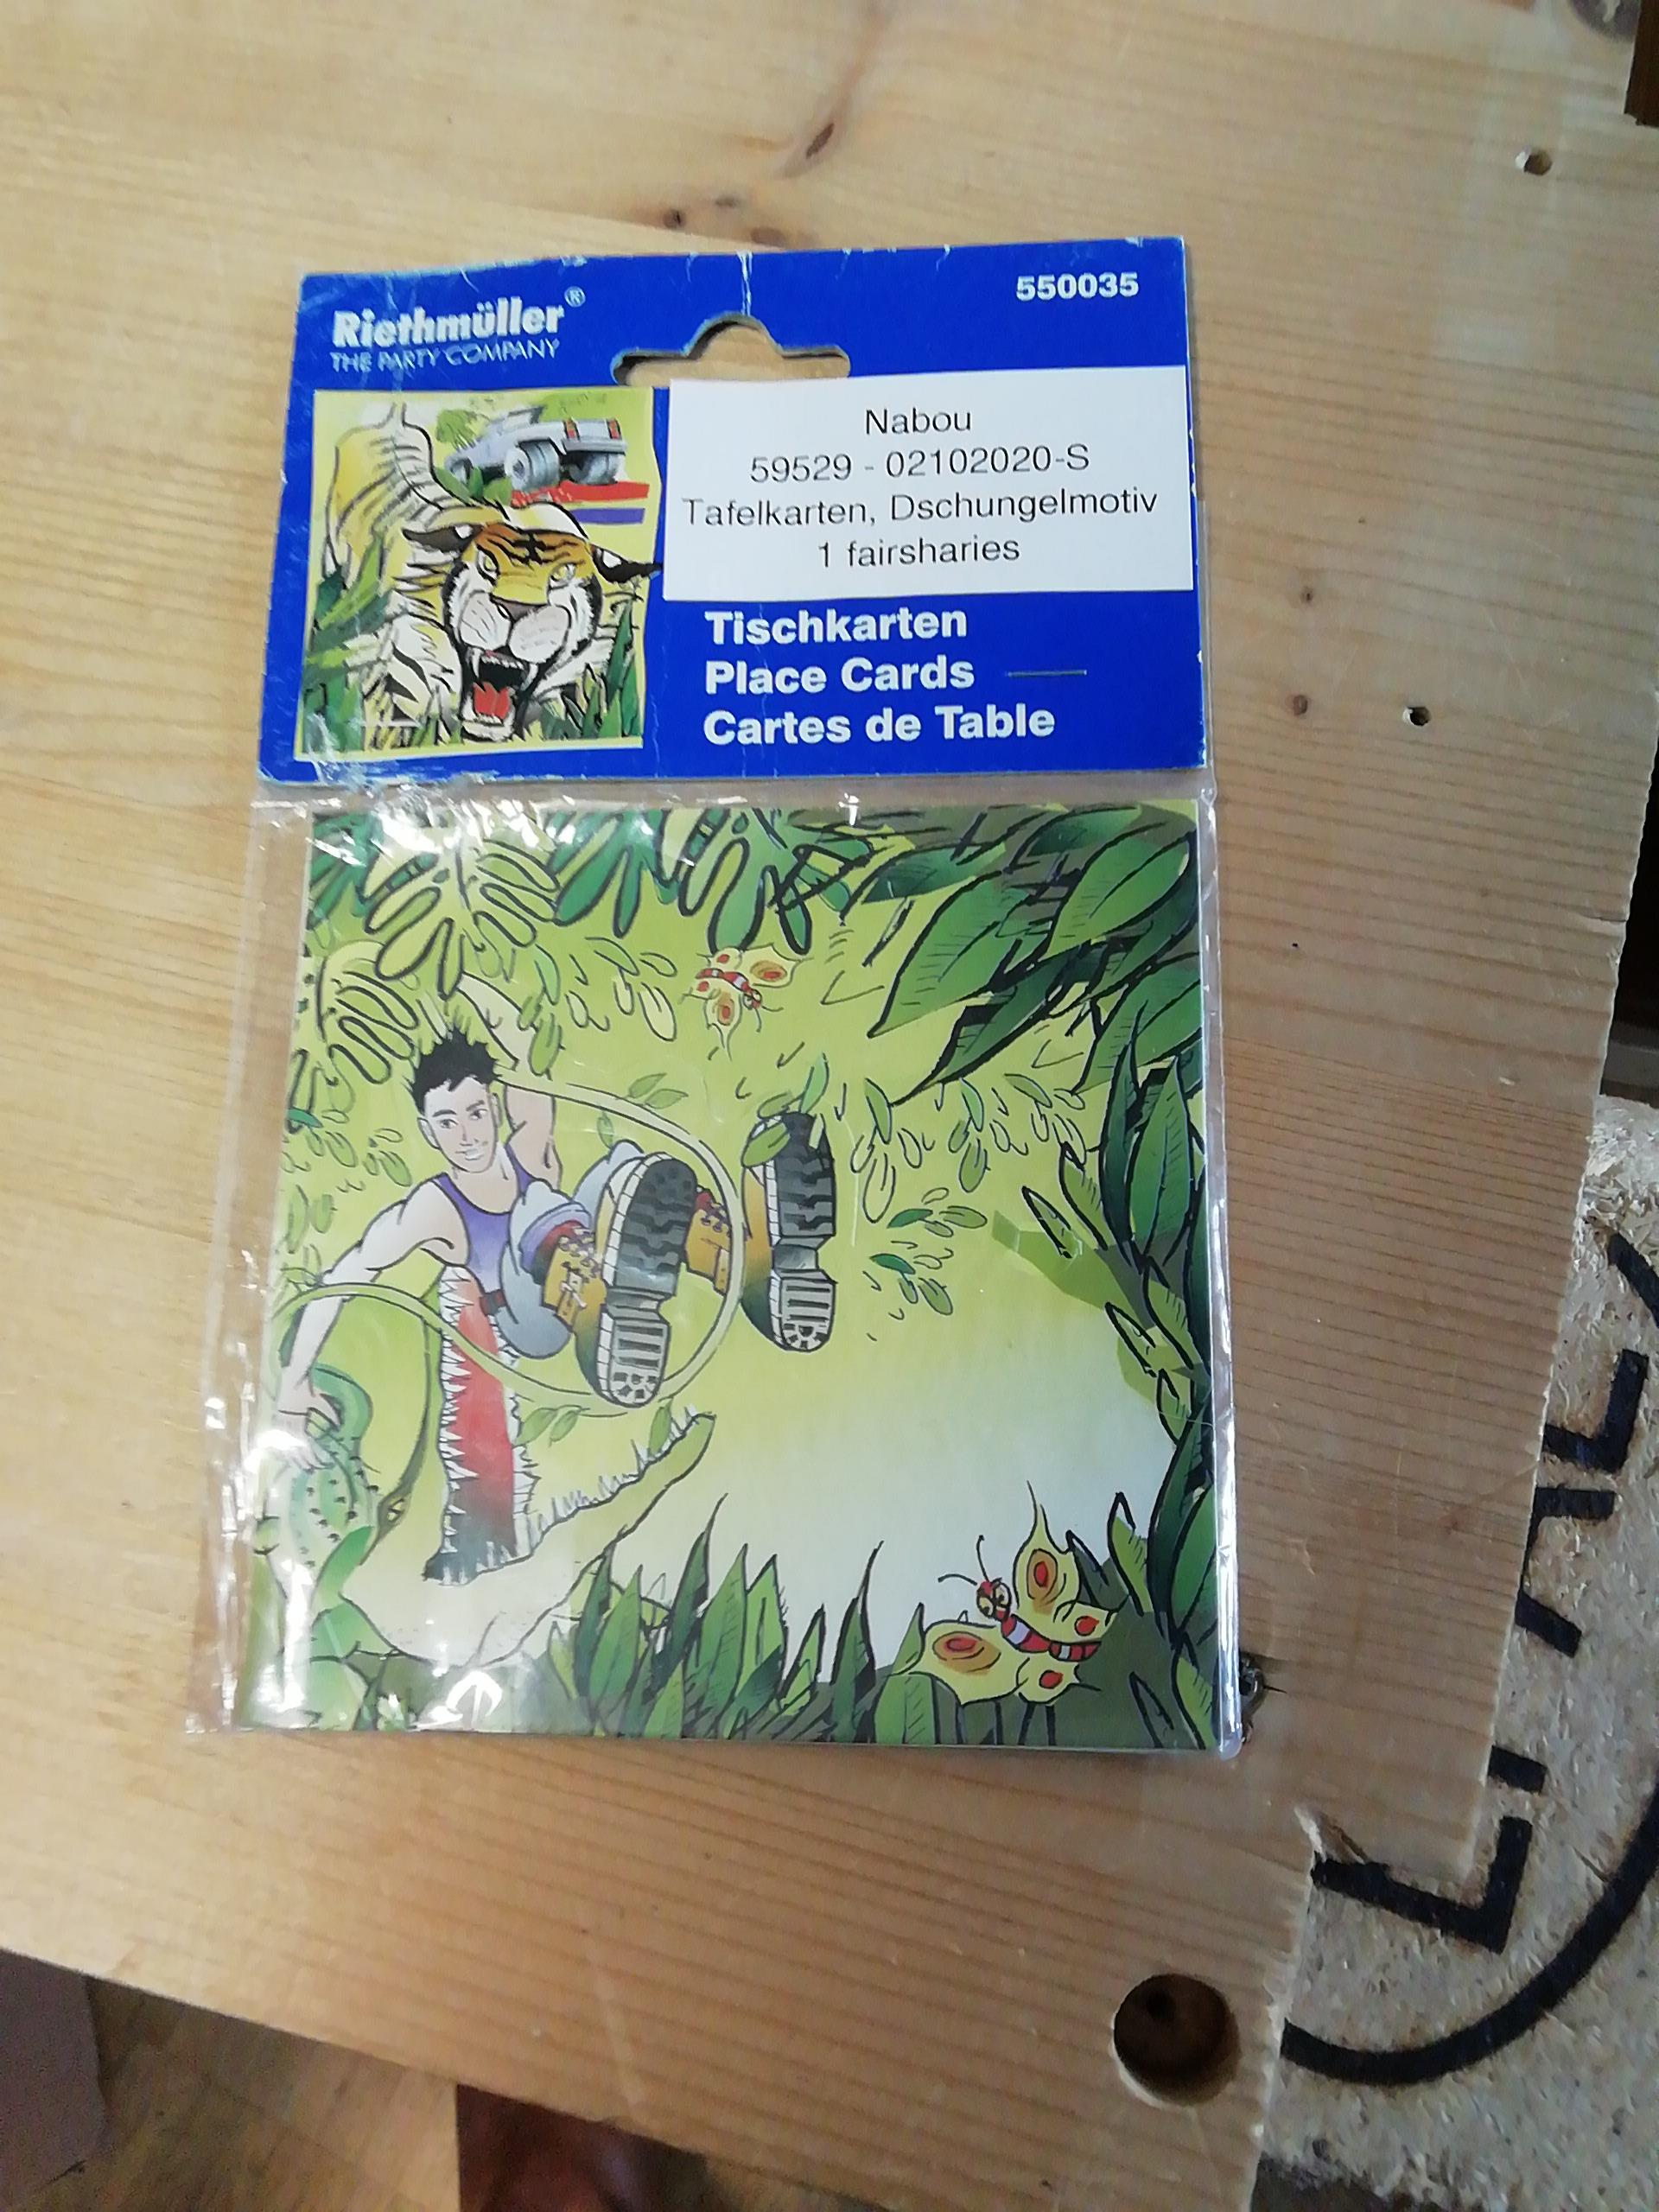 Tafelkarten, Dschungelmotiv tauschen